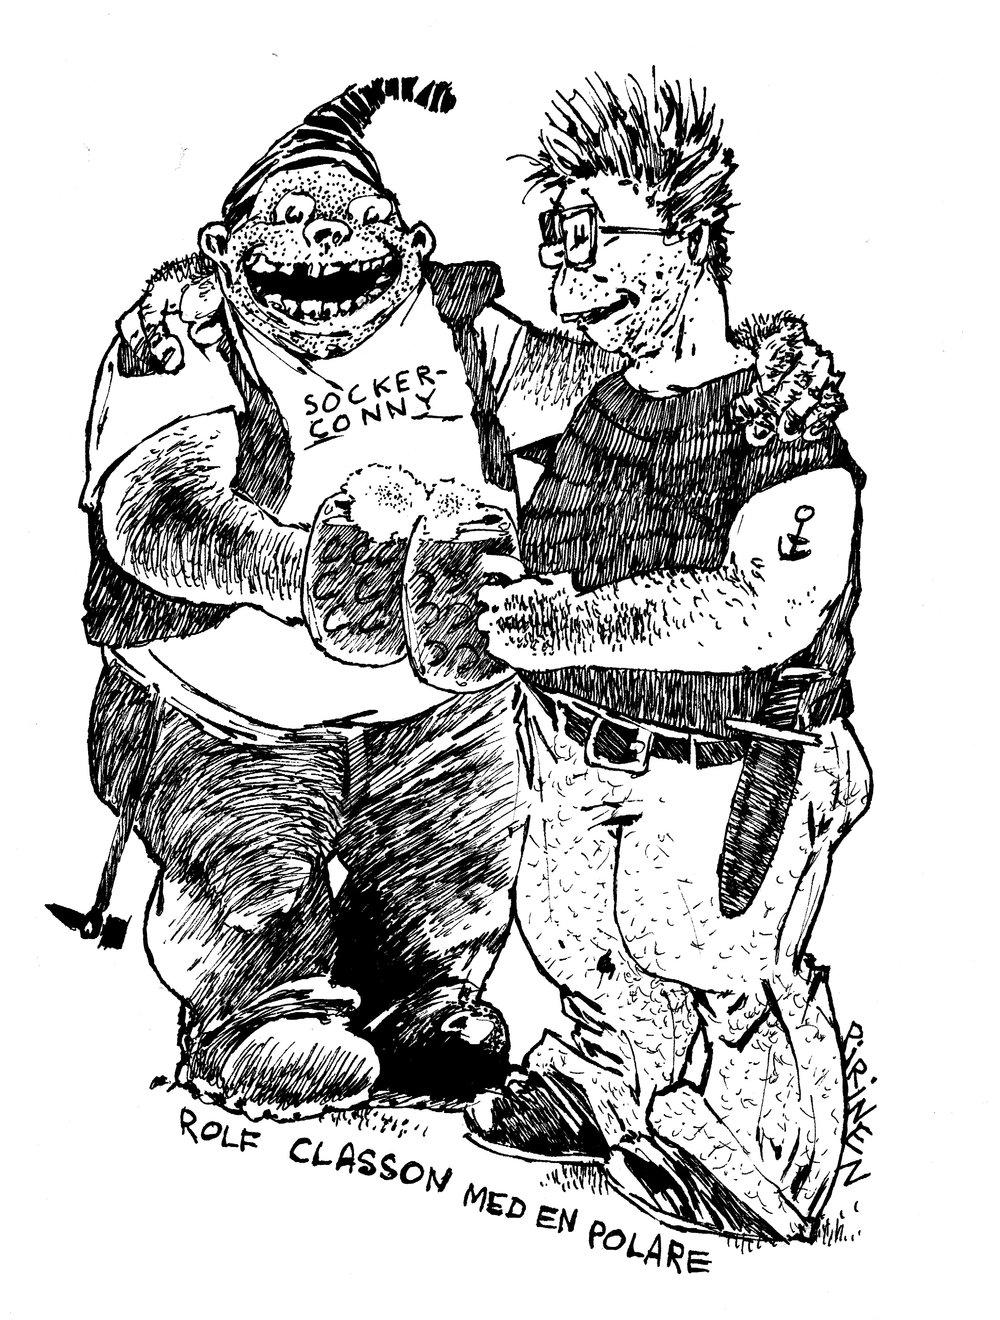 Rolf Classon porträtterad 1985 av Joakim Pirinen tillsammans med Socker-Conny - den figur som kom att starta den svenska serierevolutionen.